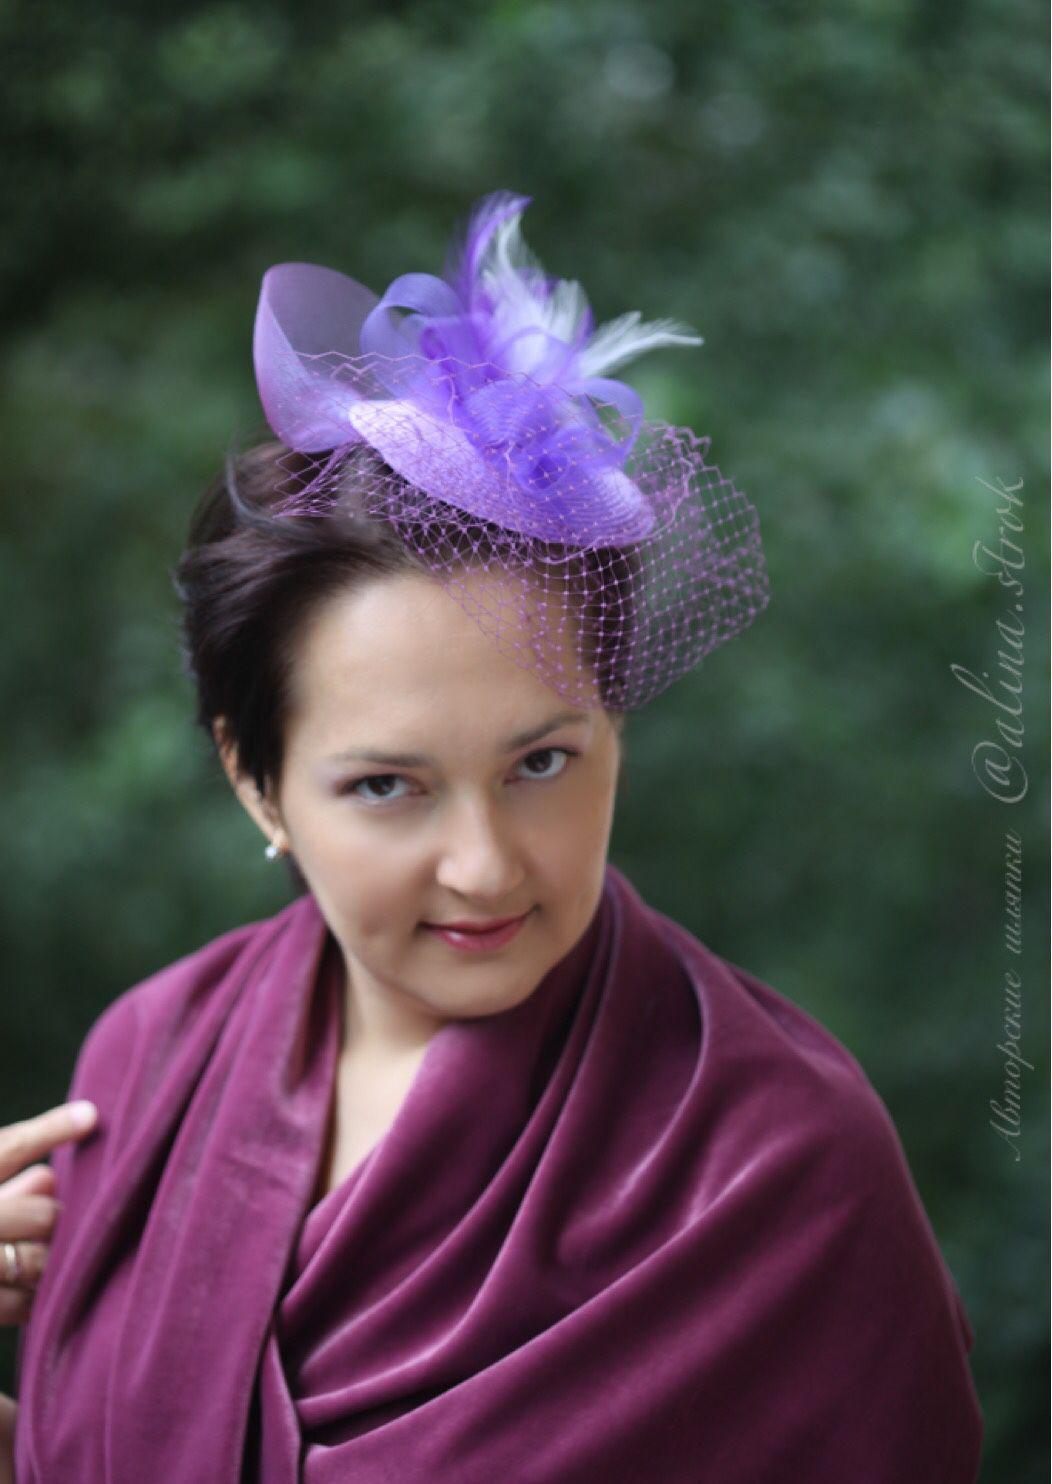 """Одежда и аксессуары ручной работы. Ярмарка Мастеров - ручная работа. Купить Сиреневая шляпка """"Violetta"""" с вуалью. Handmade. Ретро, королева"""